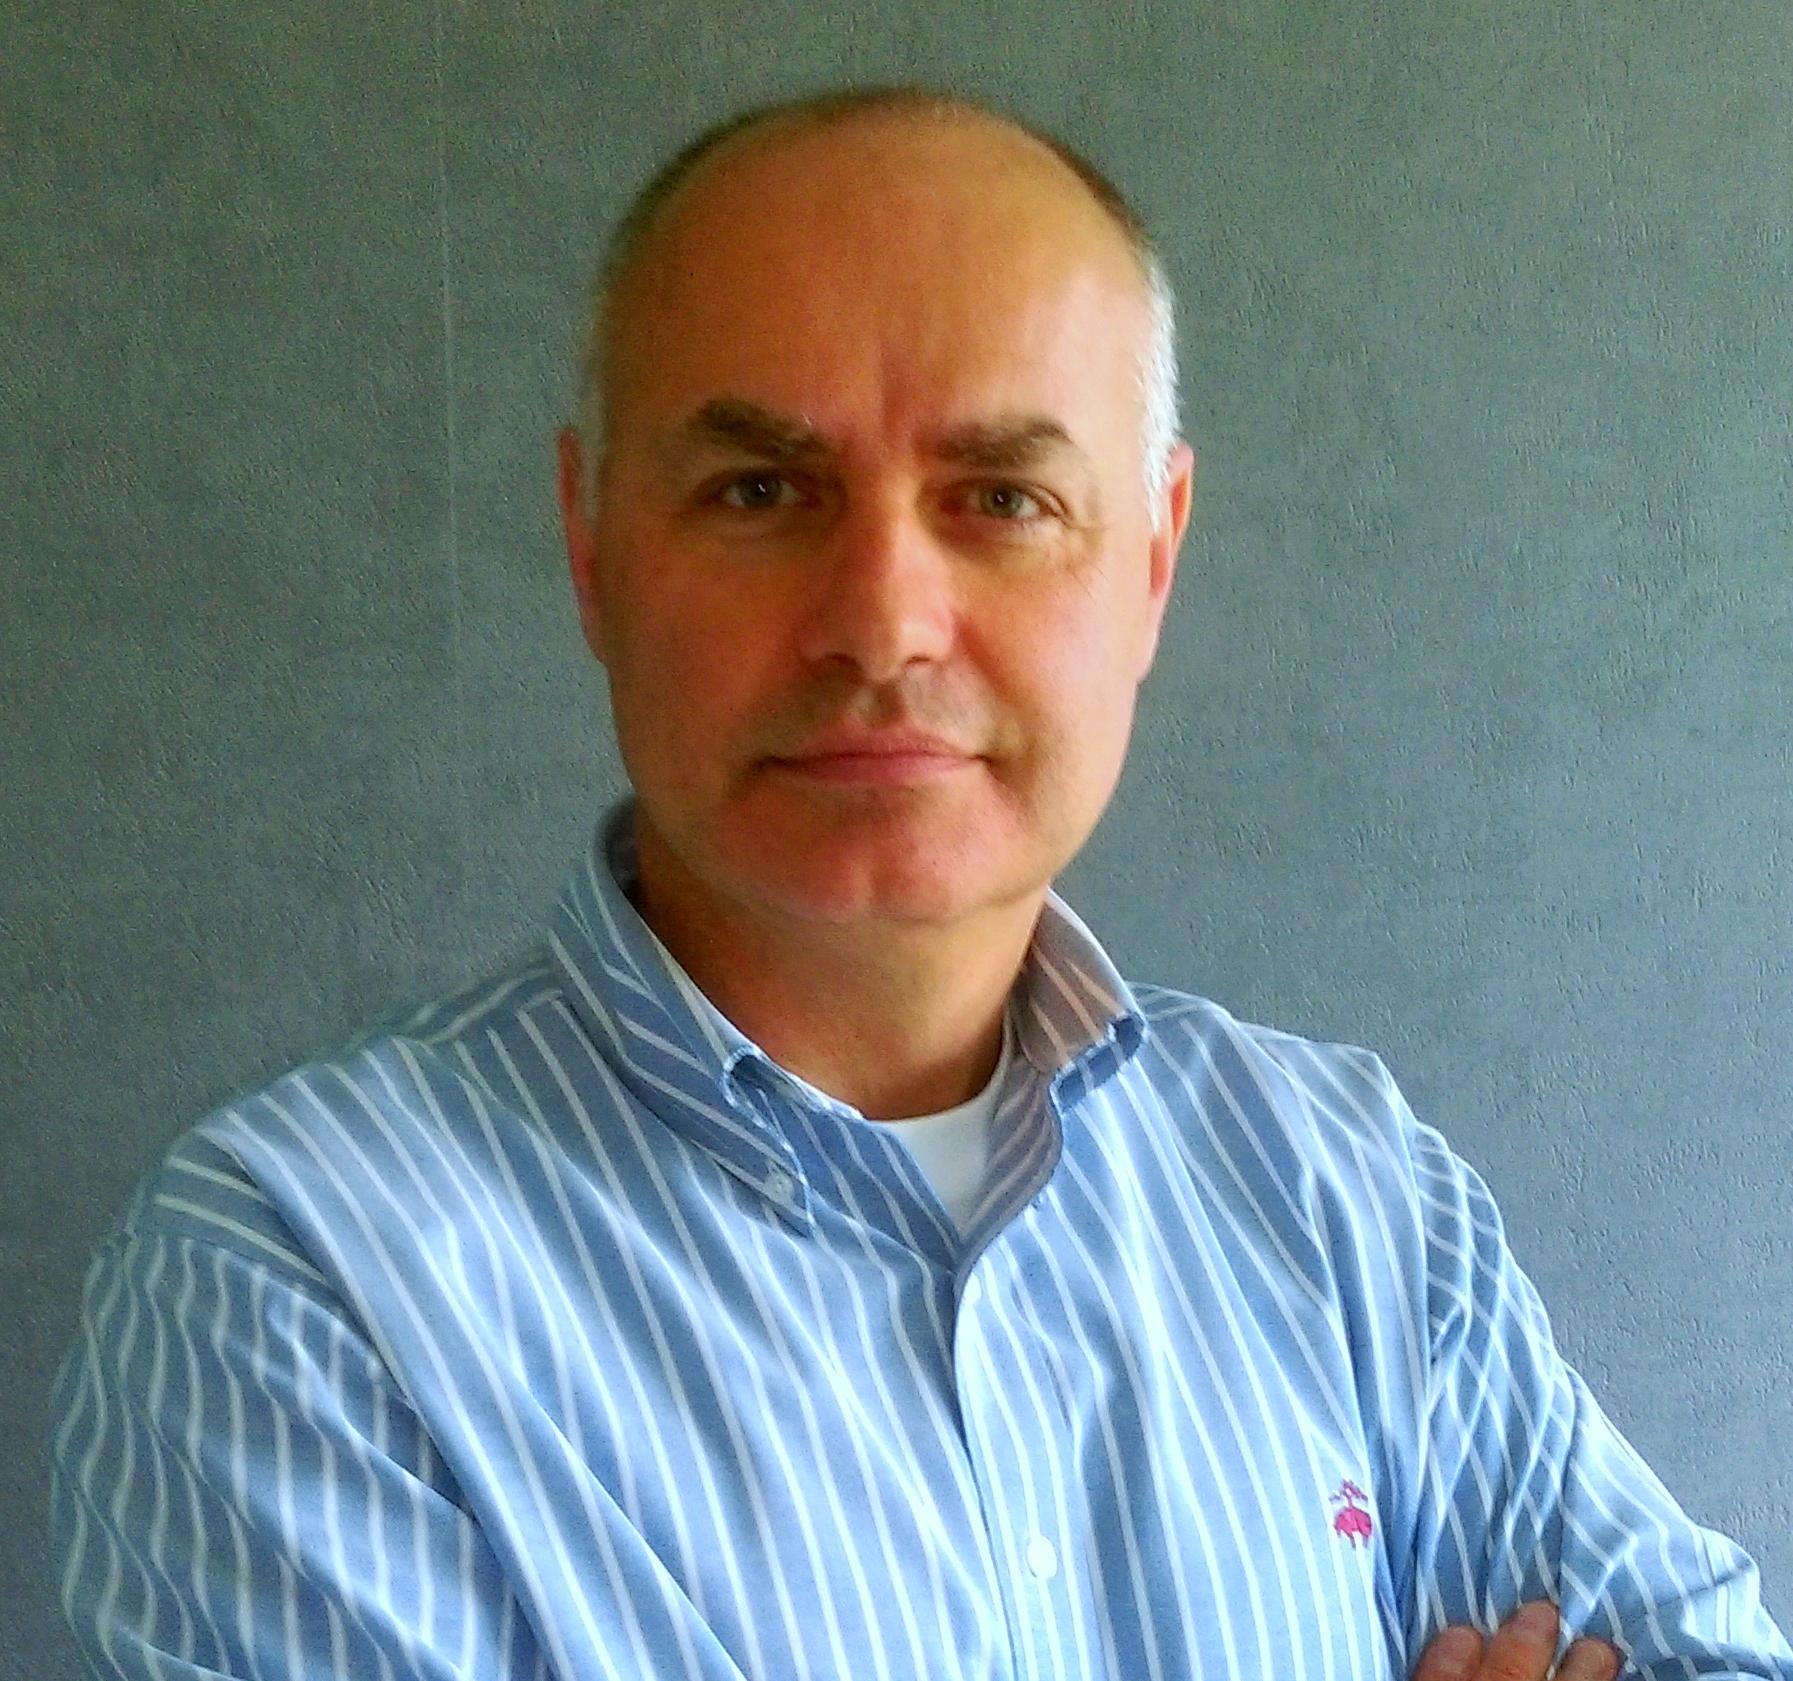 Tomasz Szymczak